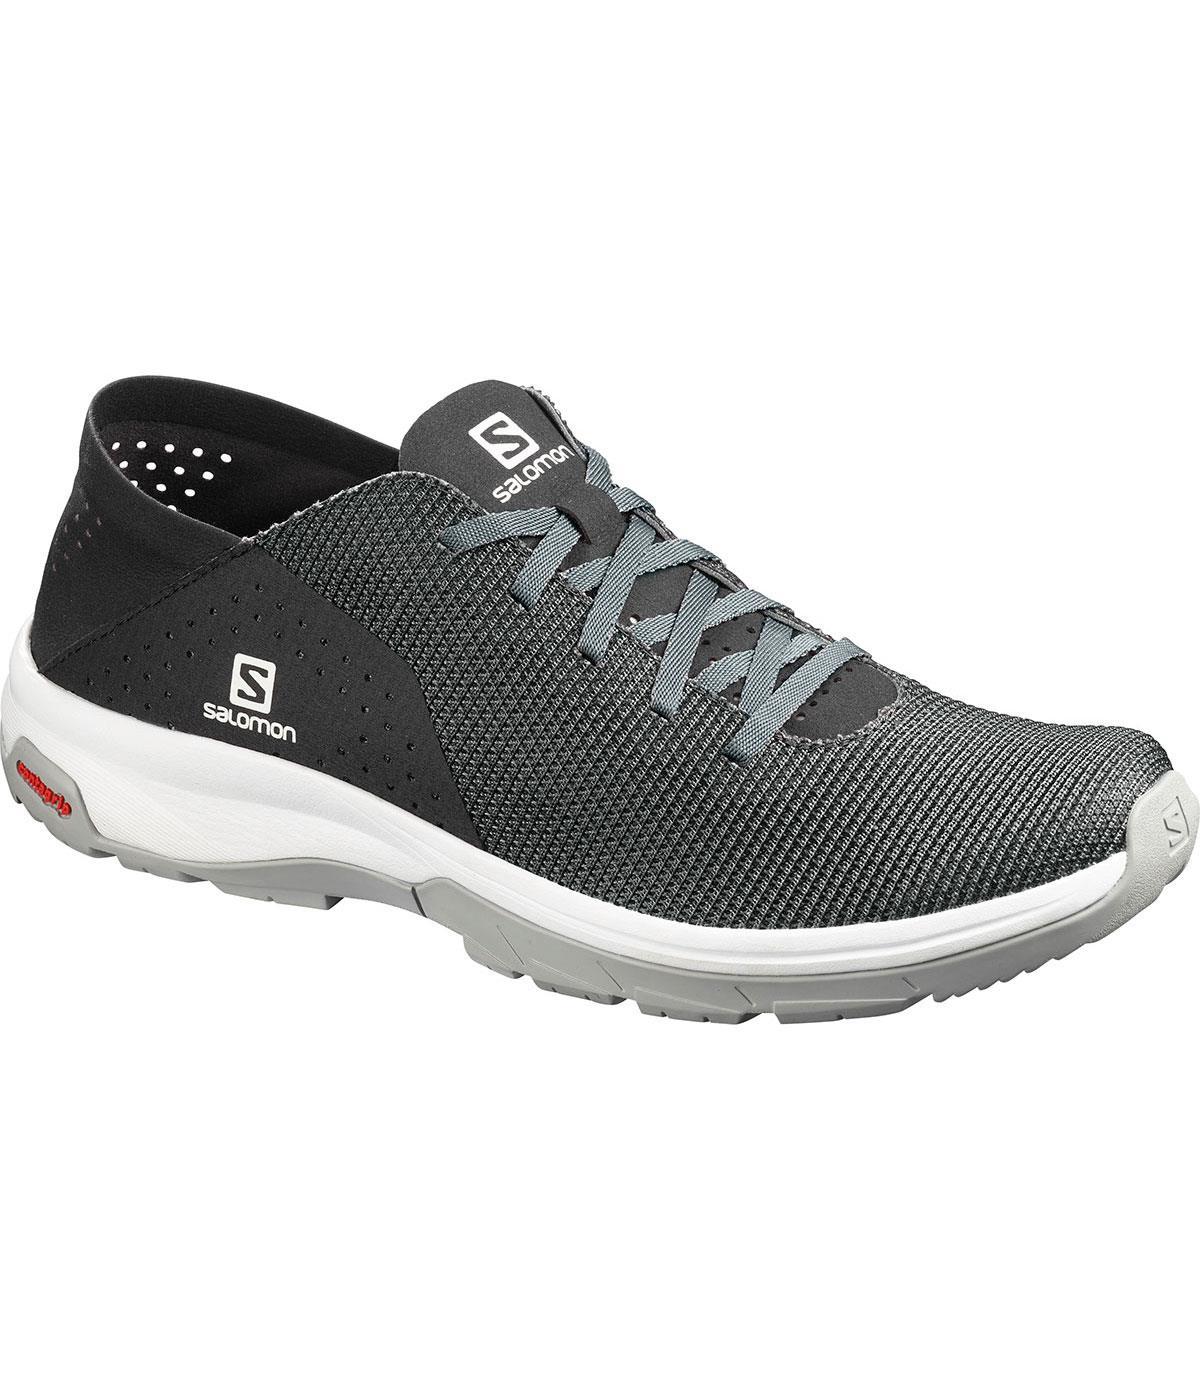 Salomon TECH LITE Erkek Ayakkabısı L40985700